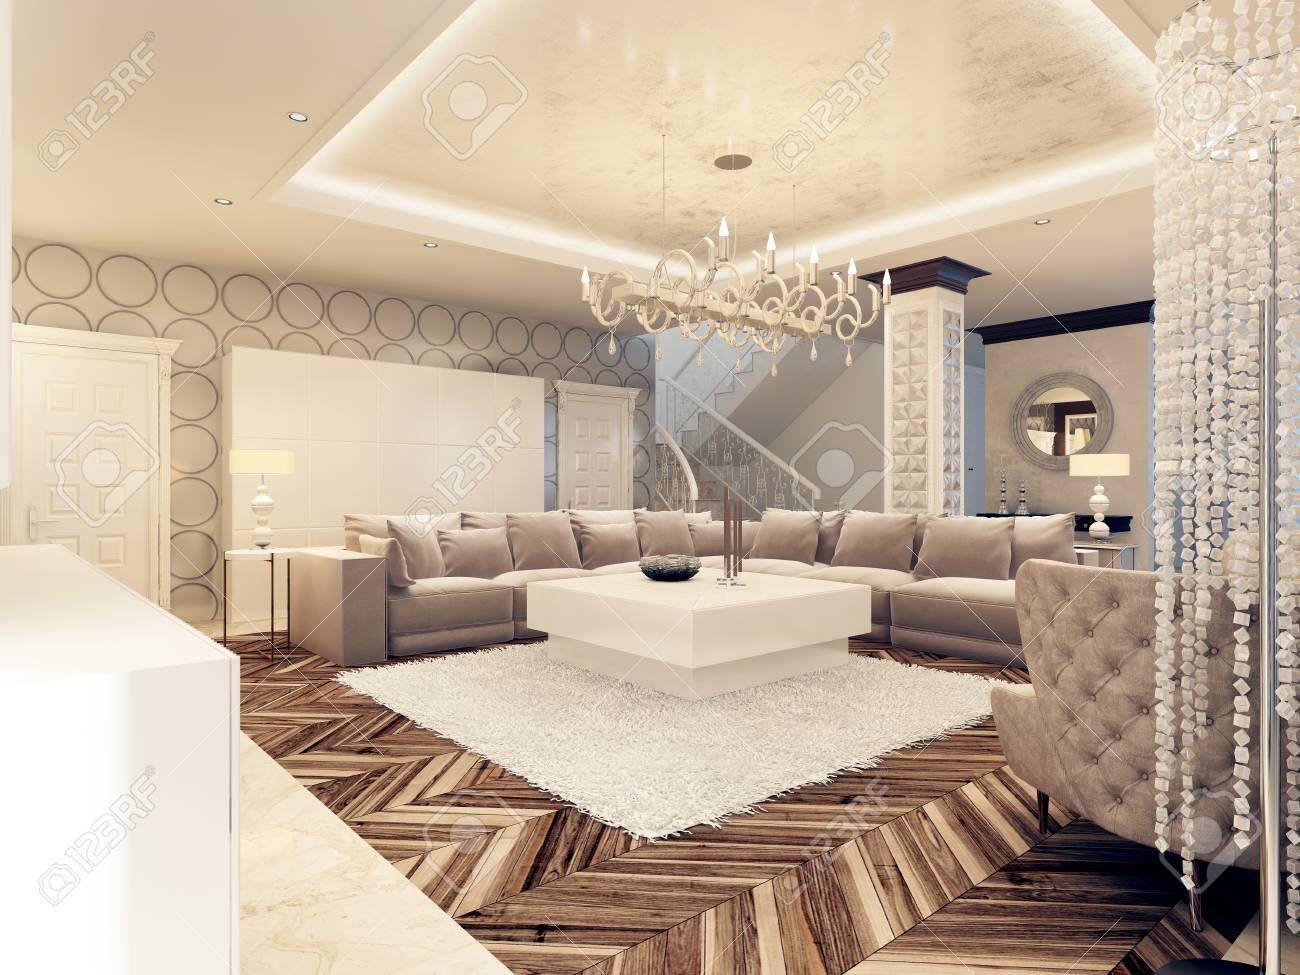 Luxe Design Fauteuils.Design Art Deco De Luxe Salon Lumineux Avec Grand Canape D Angle Et Deux Fauteuils Conception 3d